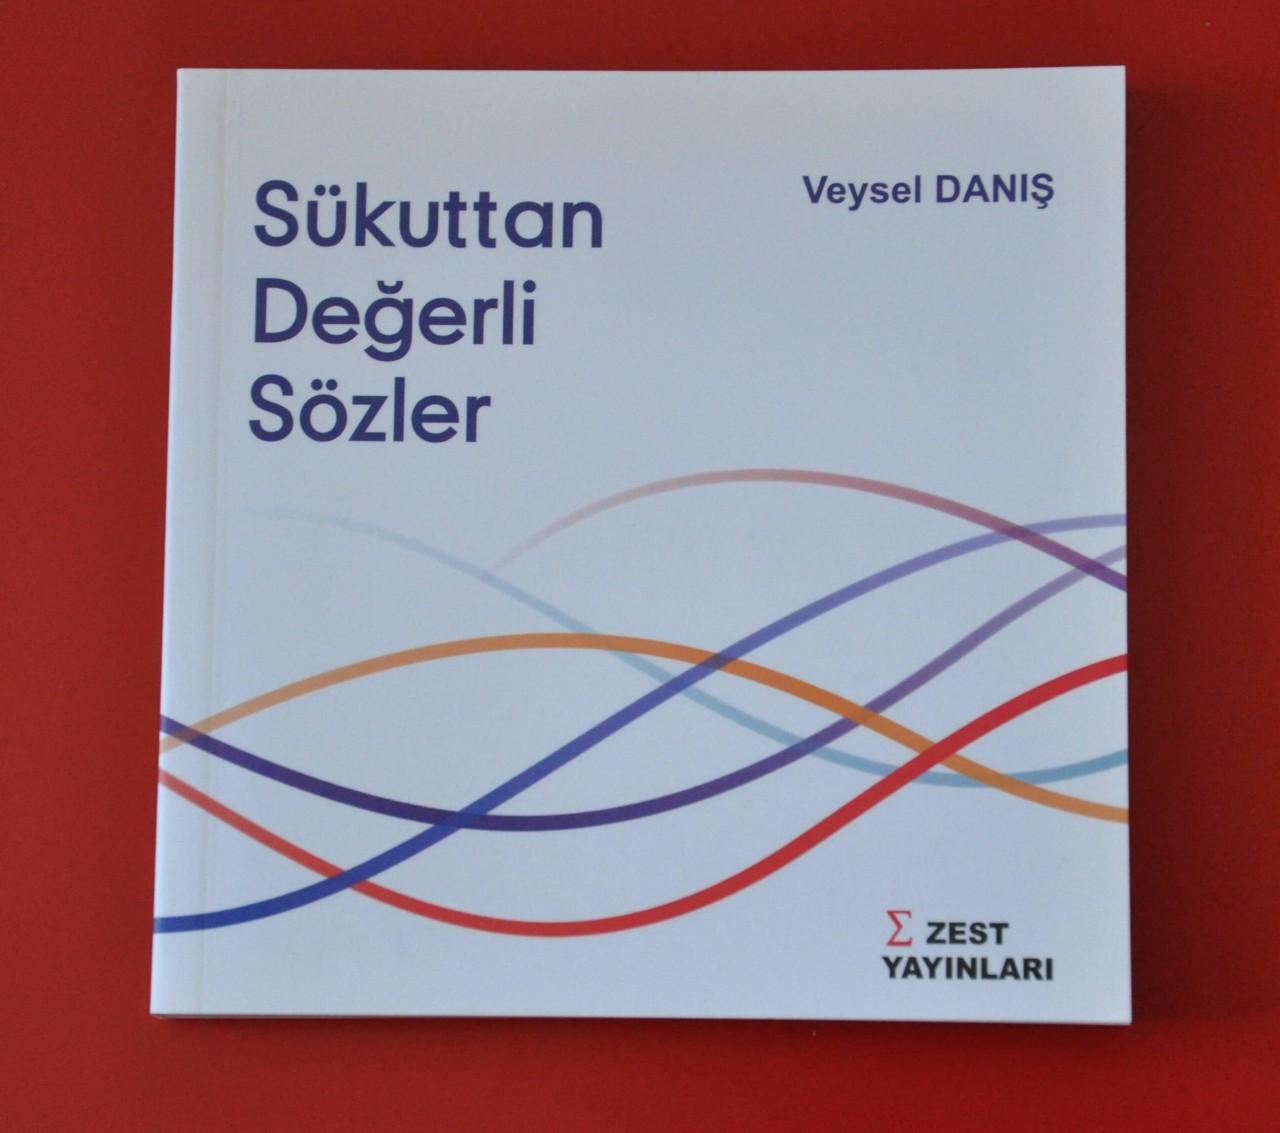 Sükuttan Değerli Sözler, Veysel Danış, ZEST Yayınları